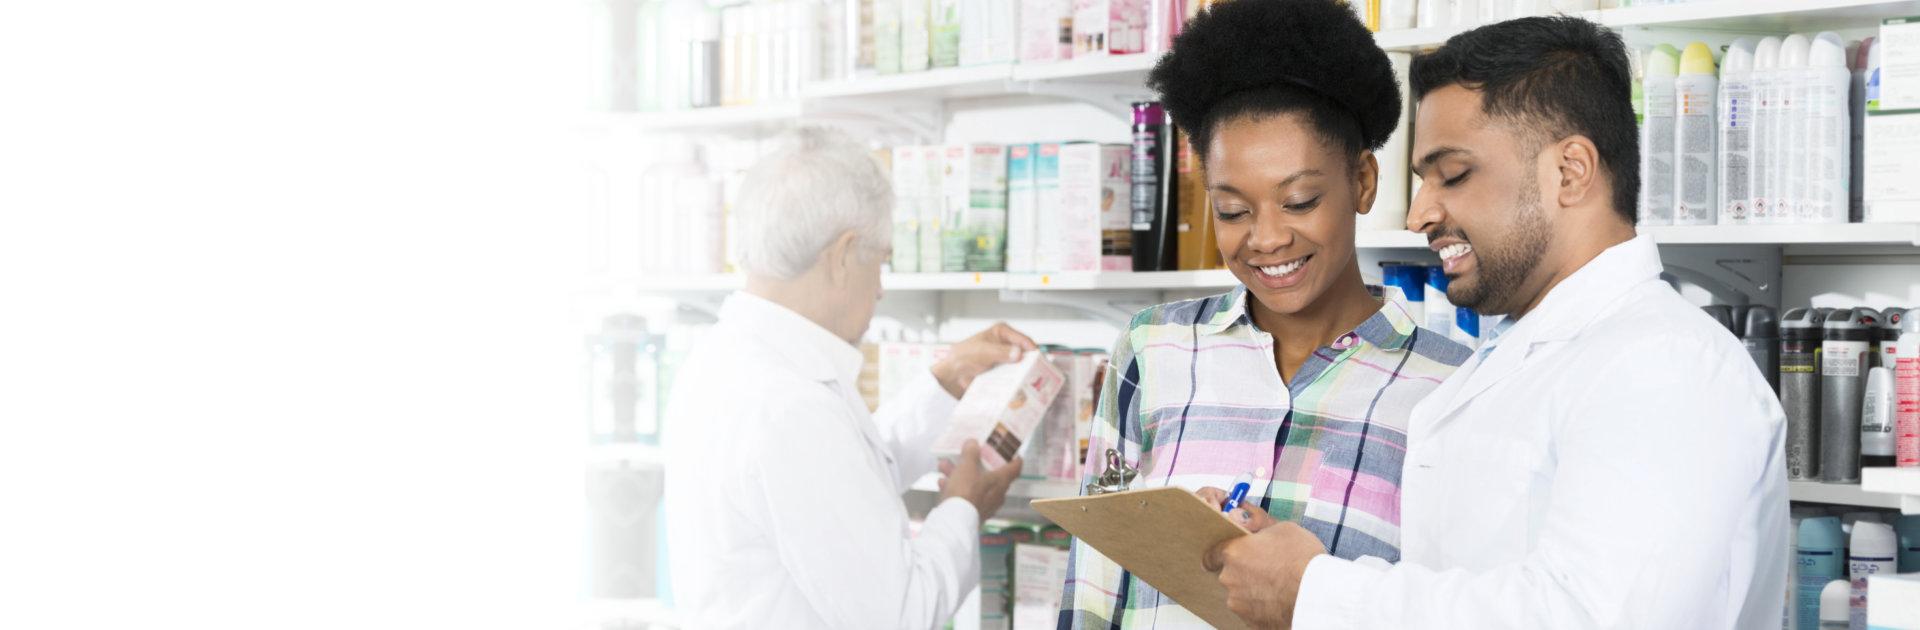 pharmacist explaining prescription to customer